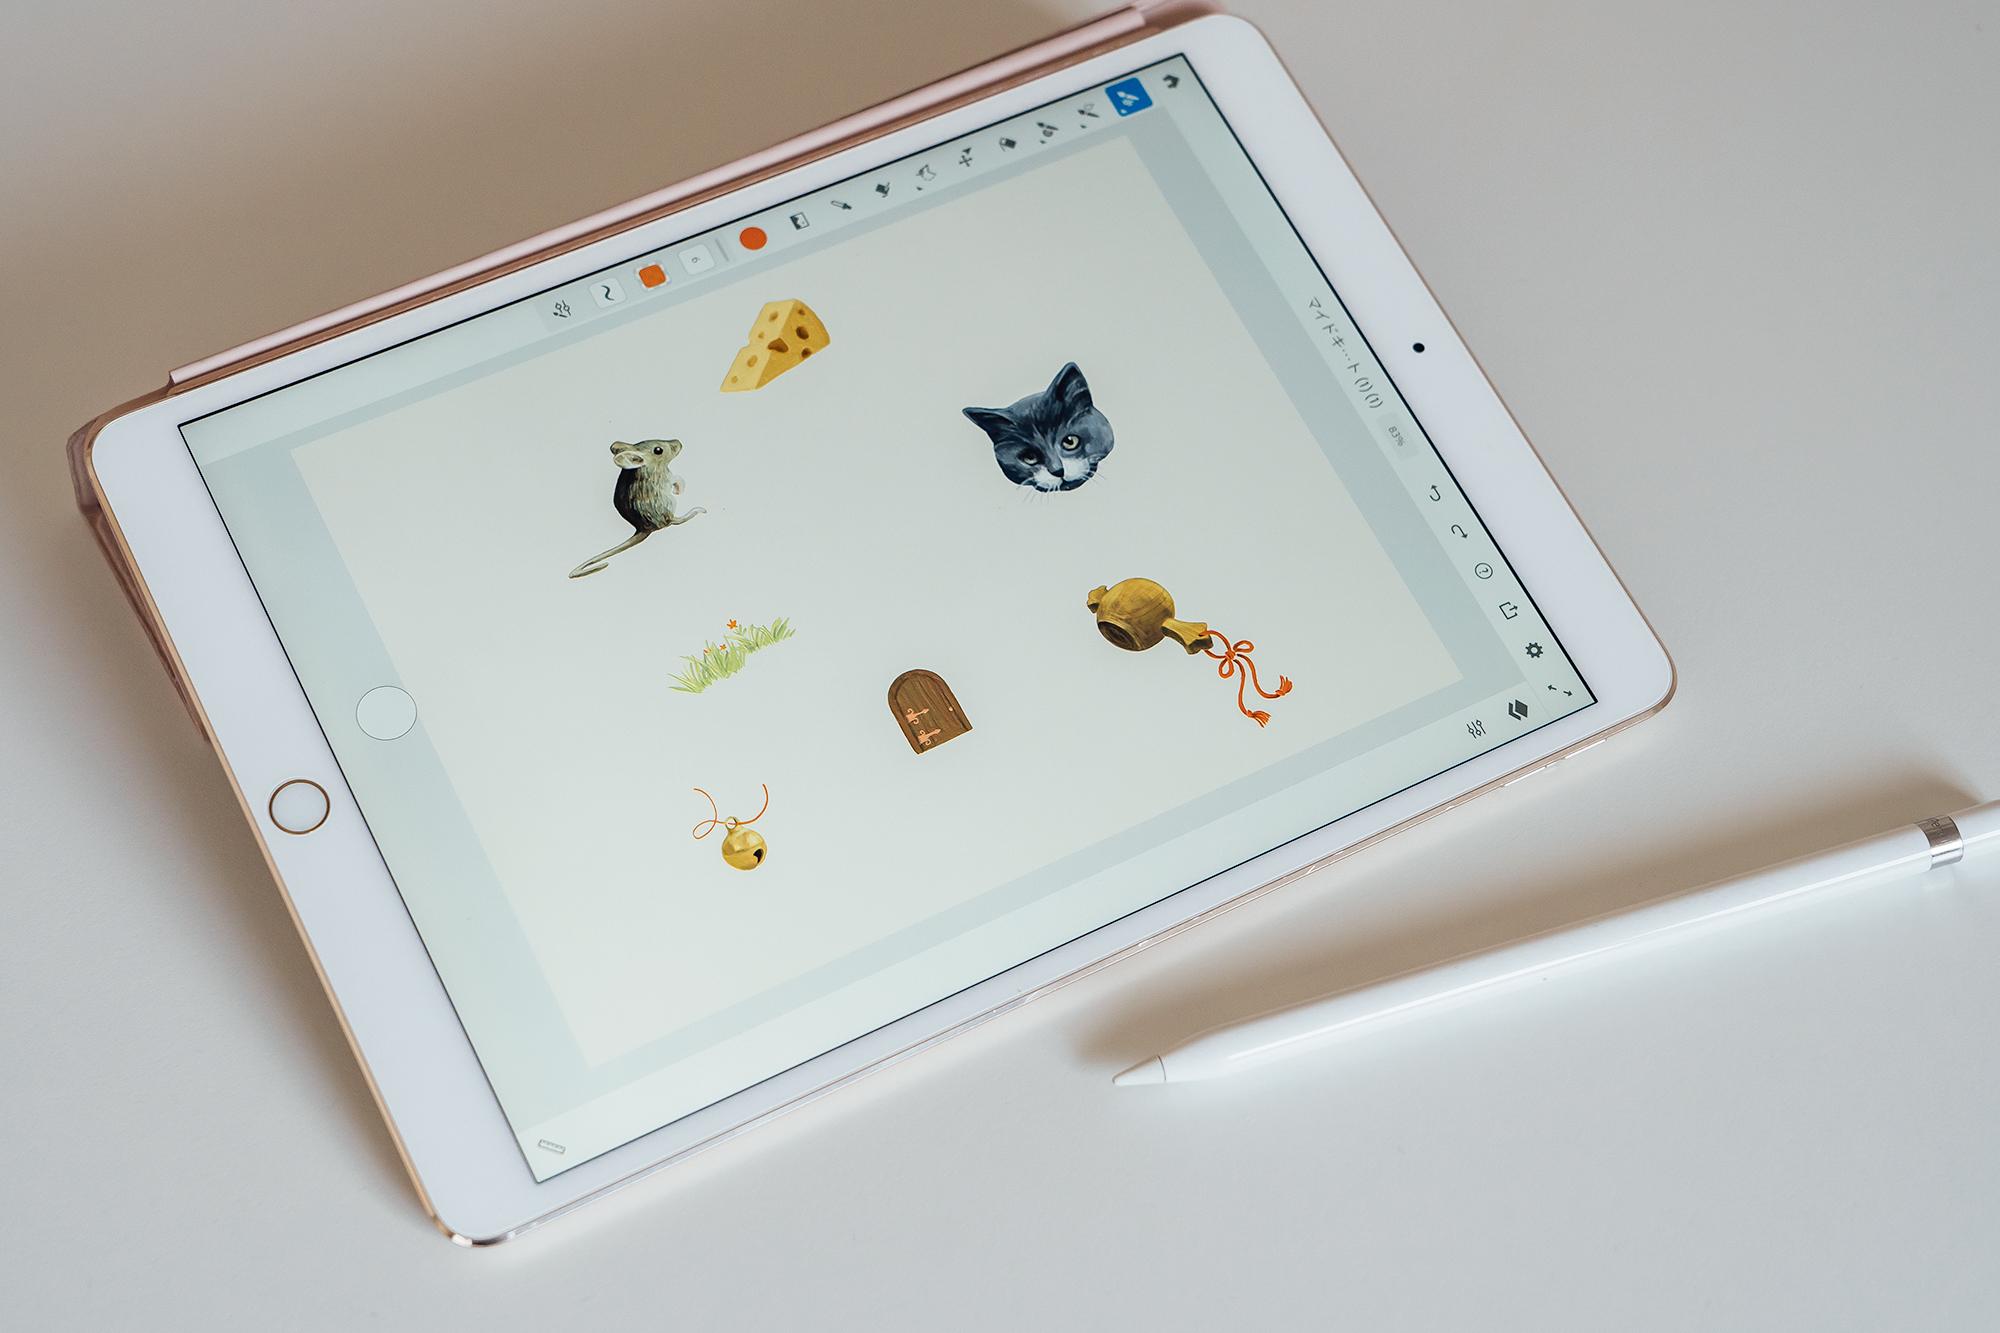 2020年の年賀状 iPad Adobe Fresco